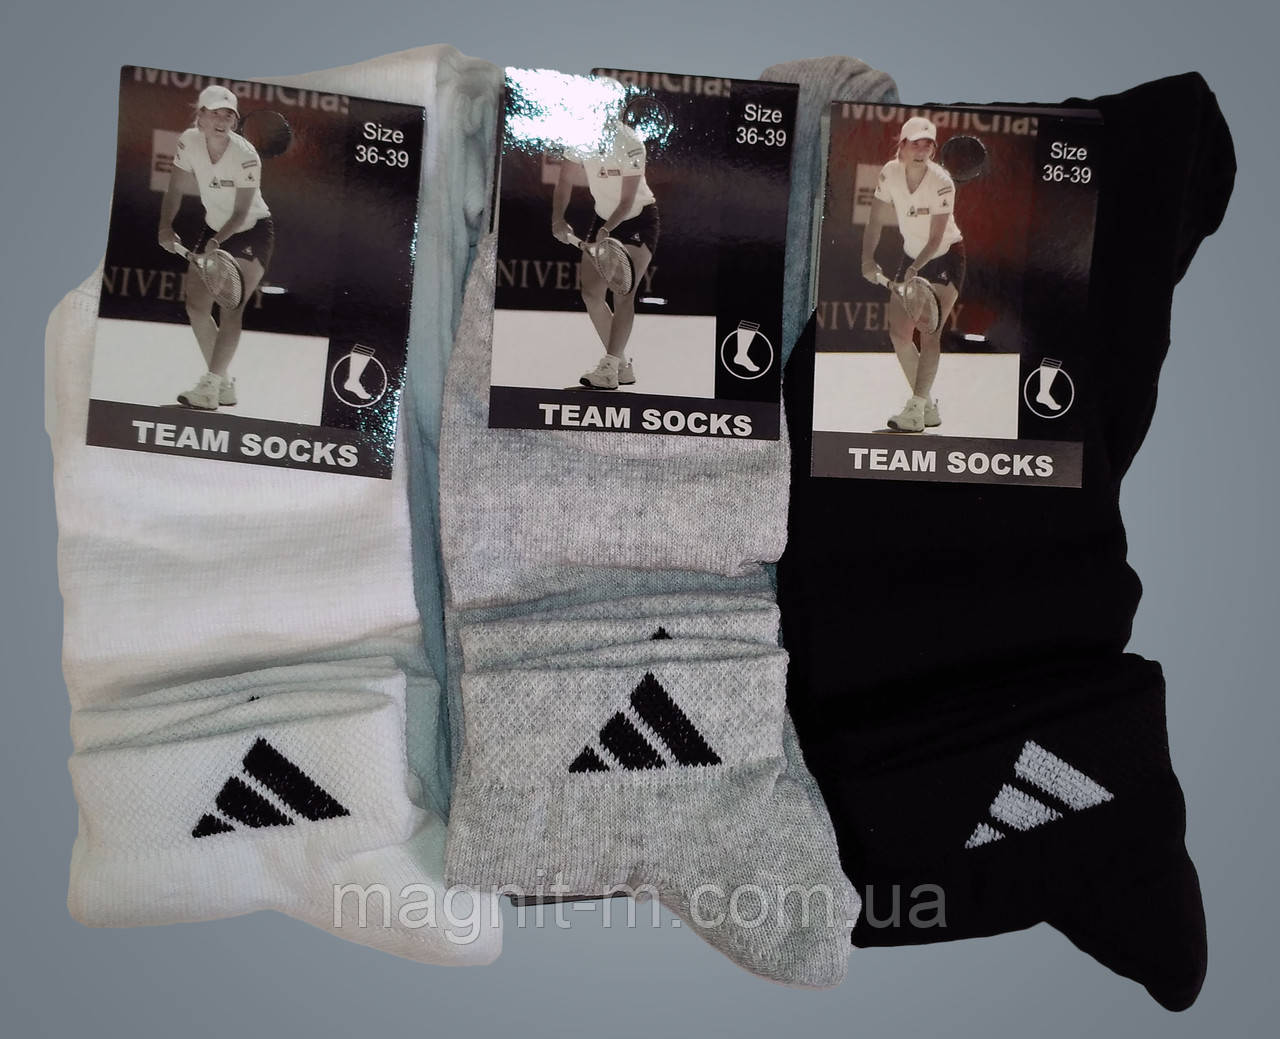 """Шкарпетки жіночі """"Team Socks"""". Спортивні короткі. Бавовна. (Роздріб)."""